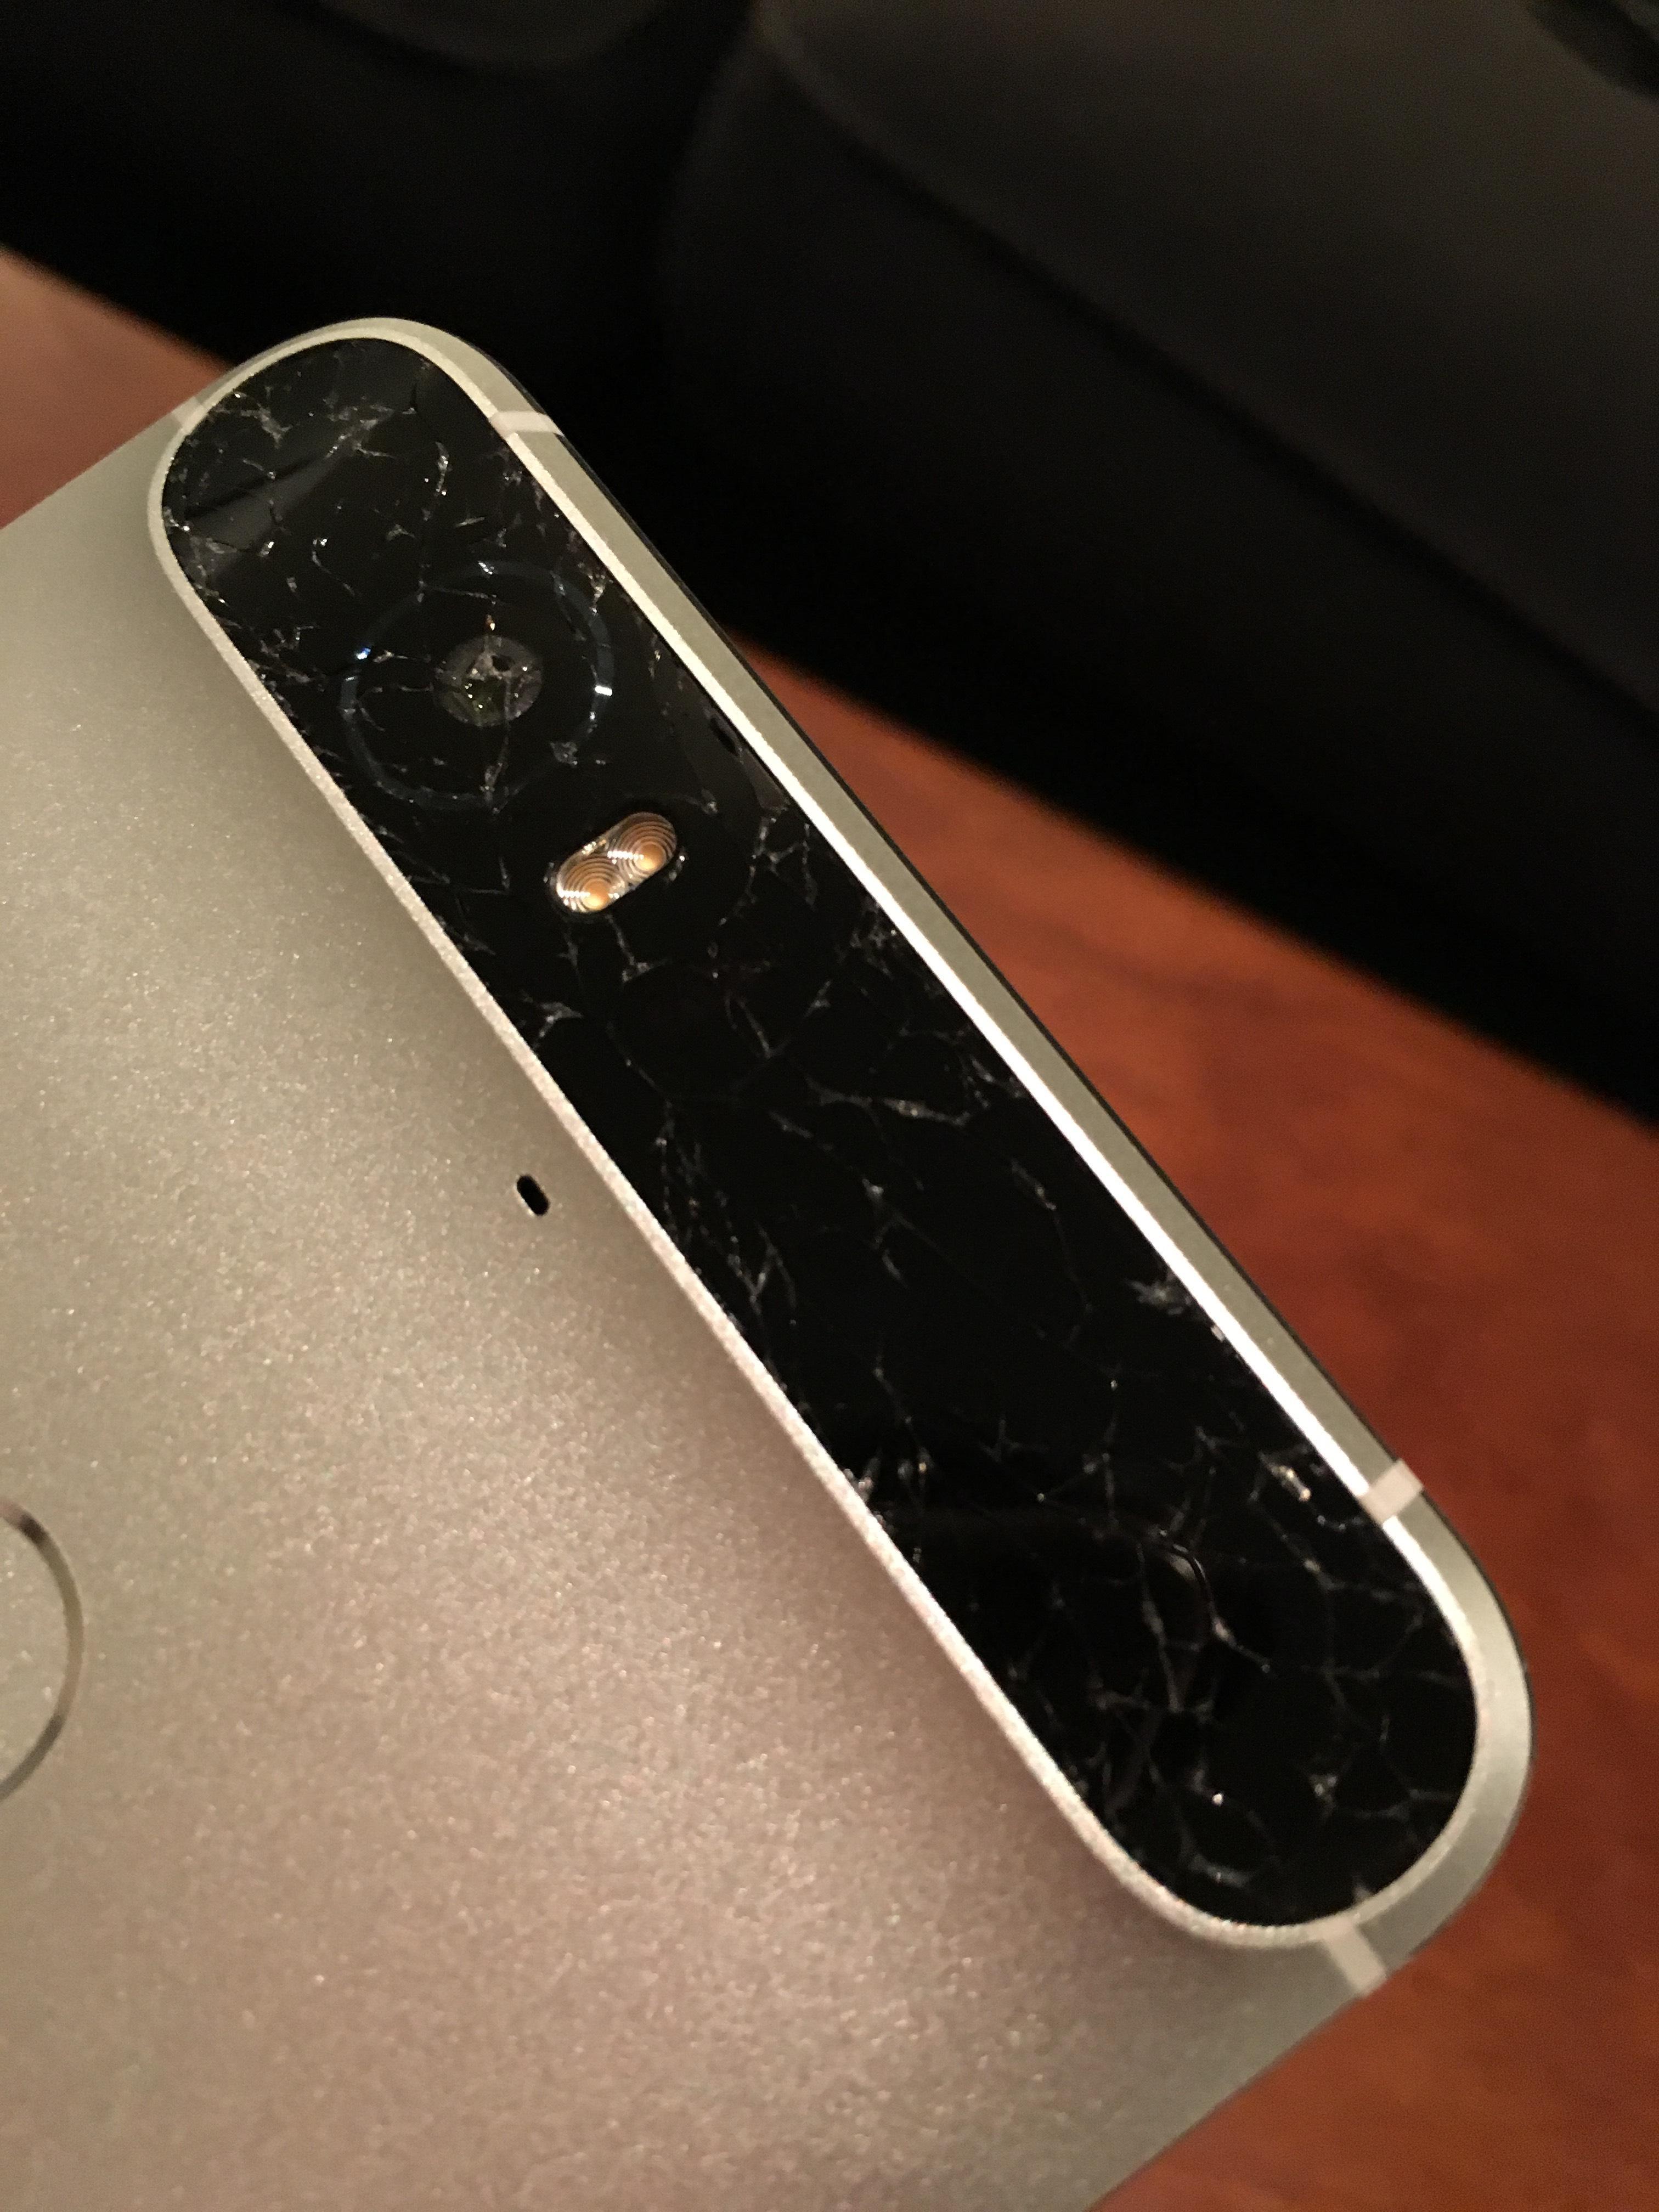 Nexus 6P : des utilisateurs se plaignent de bris spontané